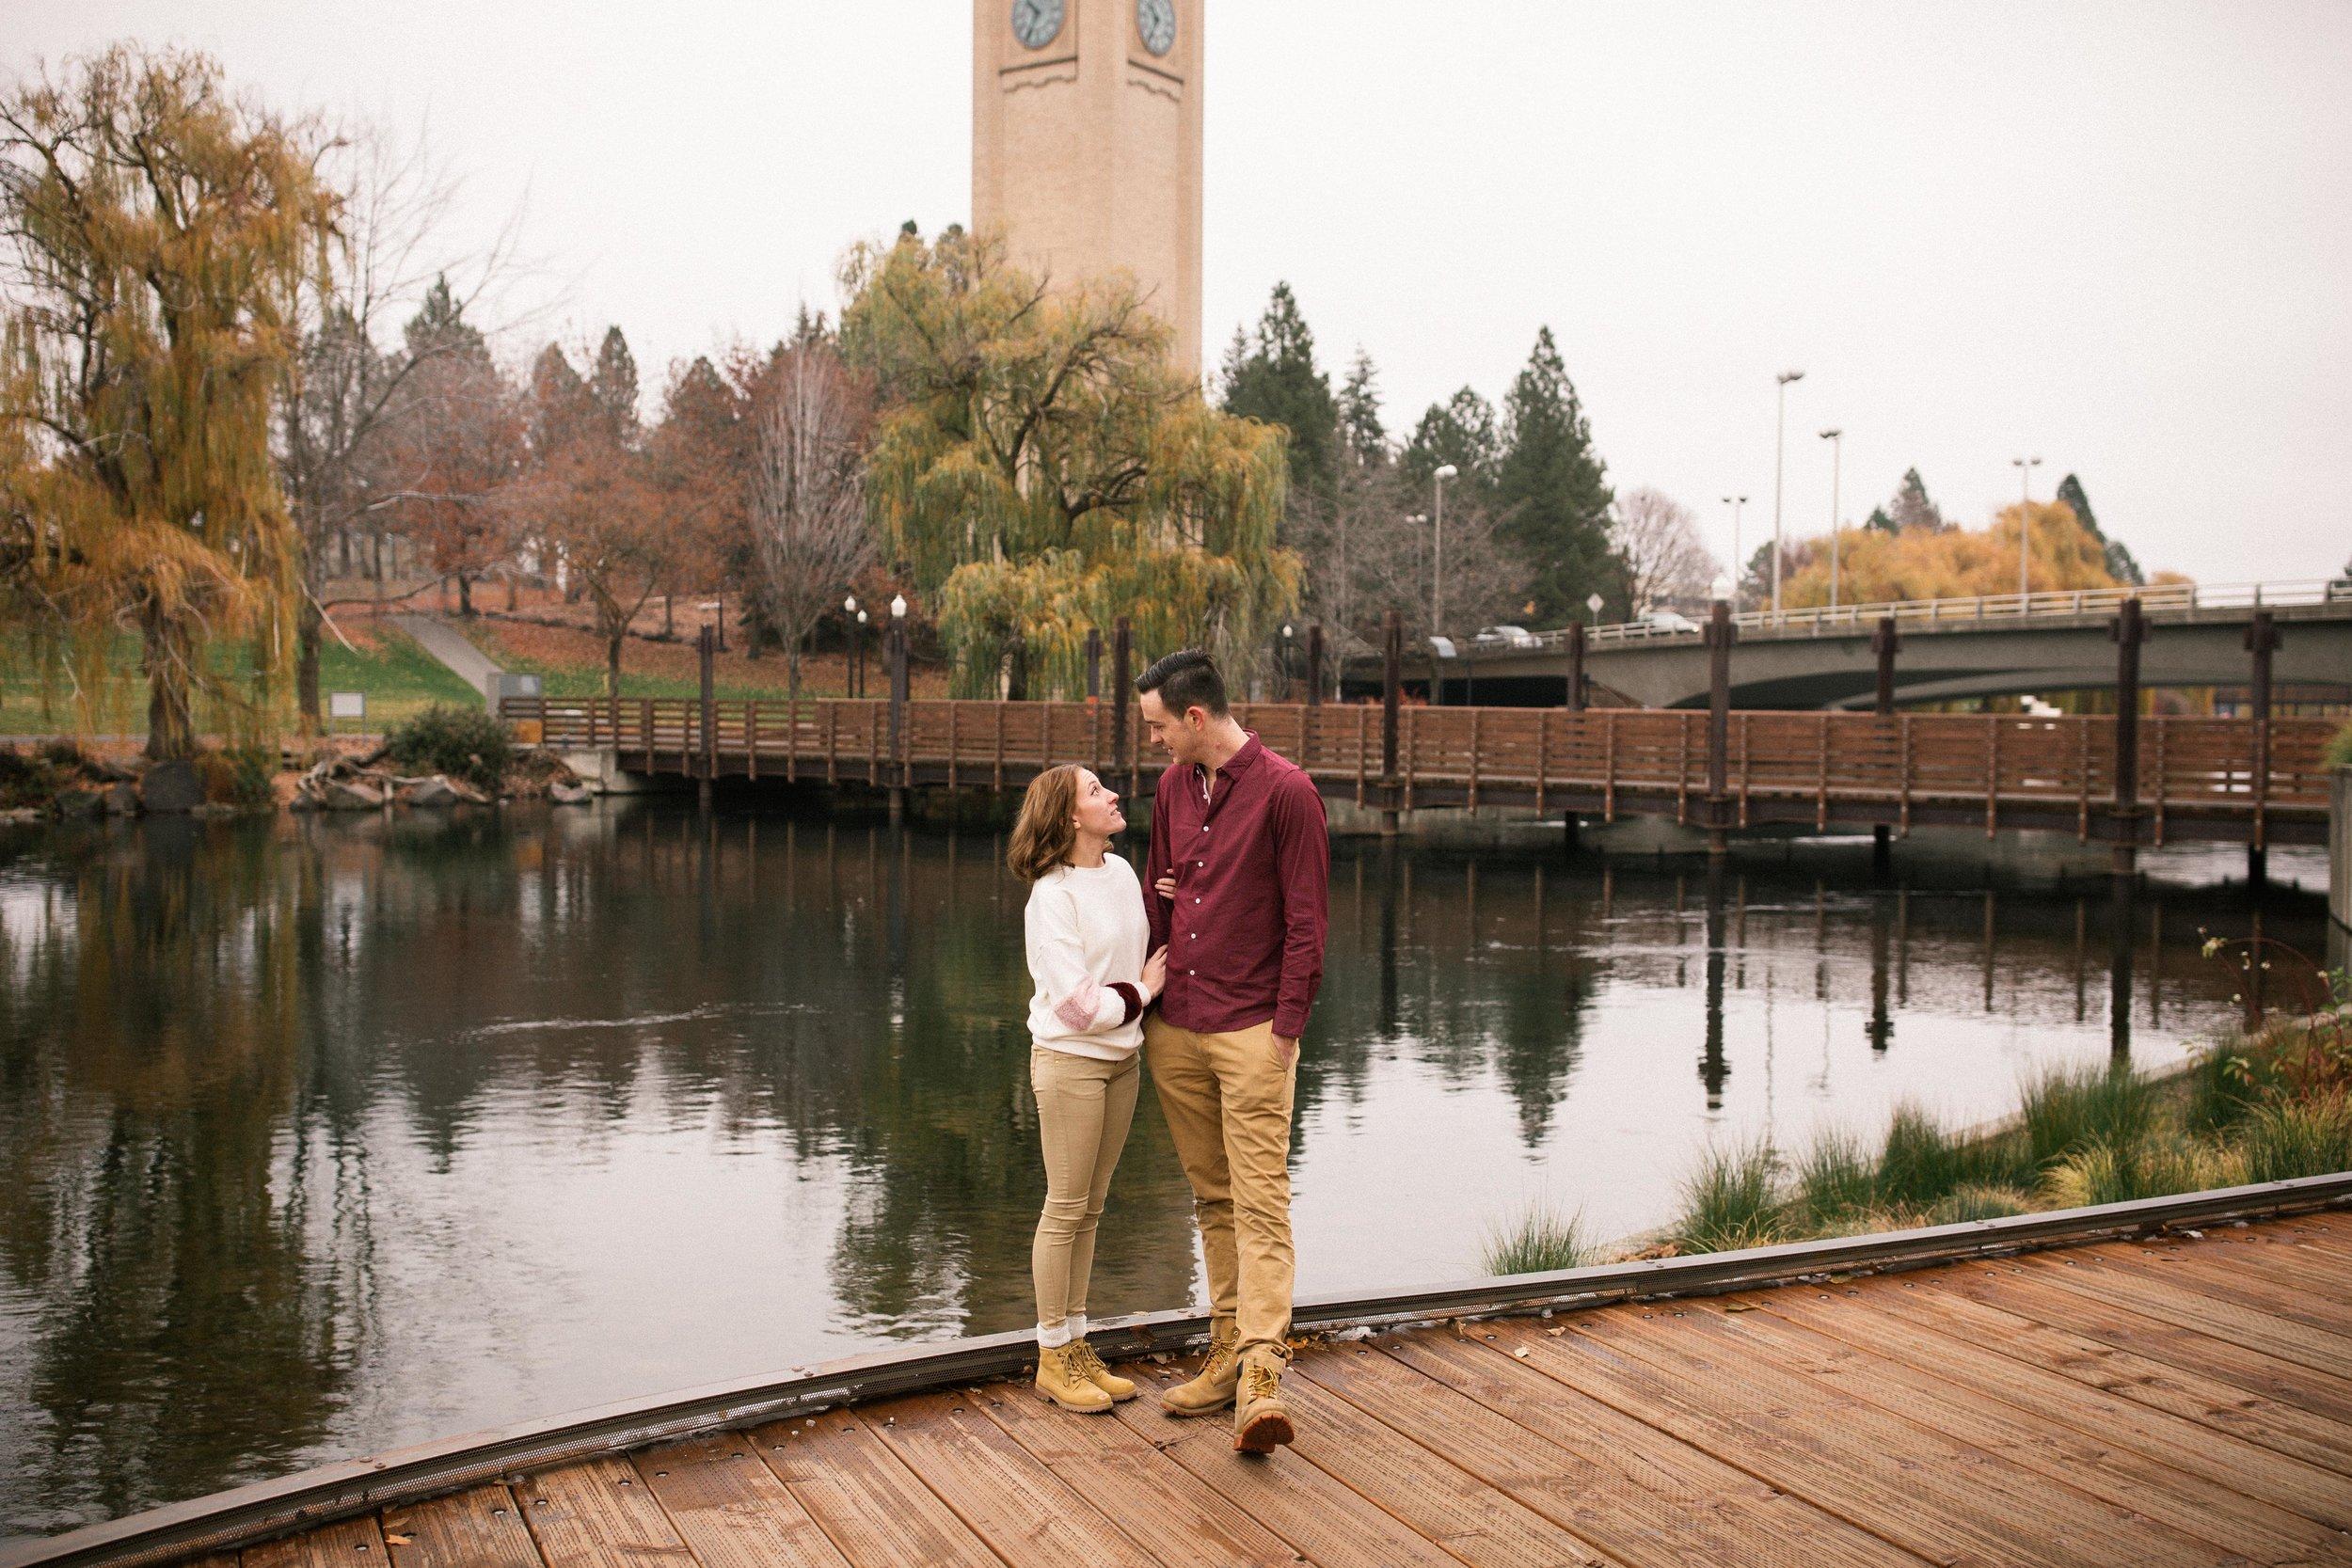 Izzy&Jacob-Engaged!BLOG-19.jpg